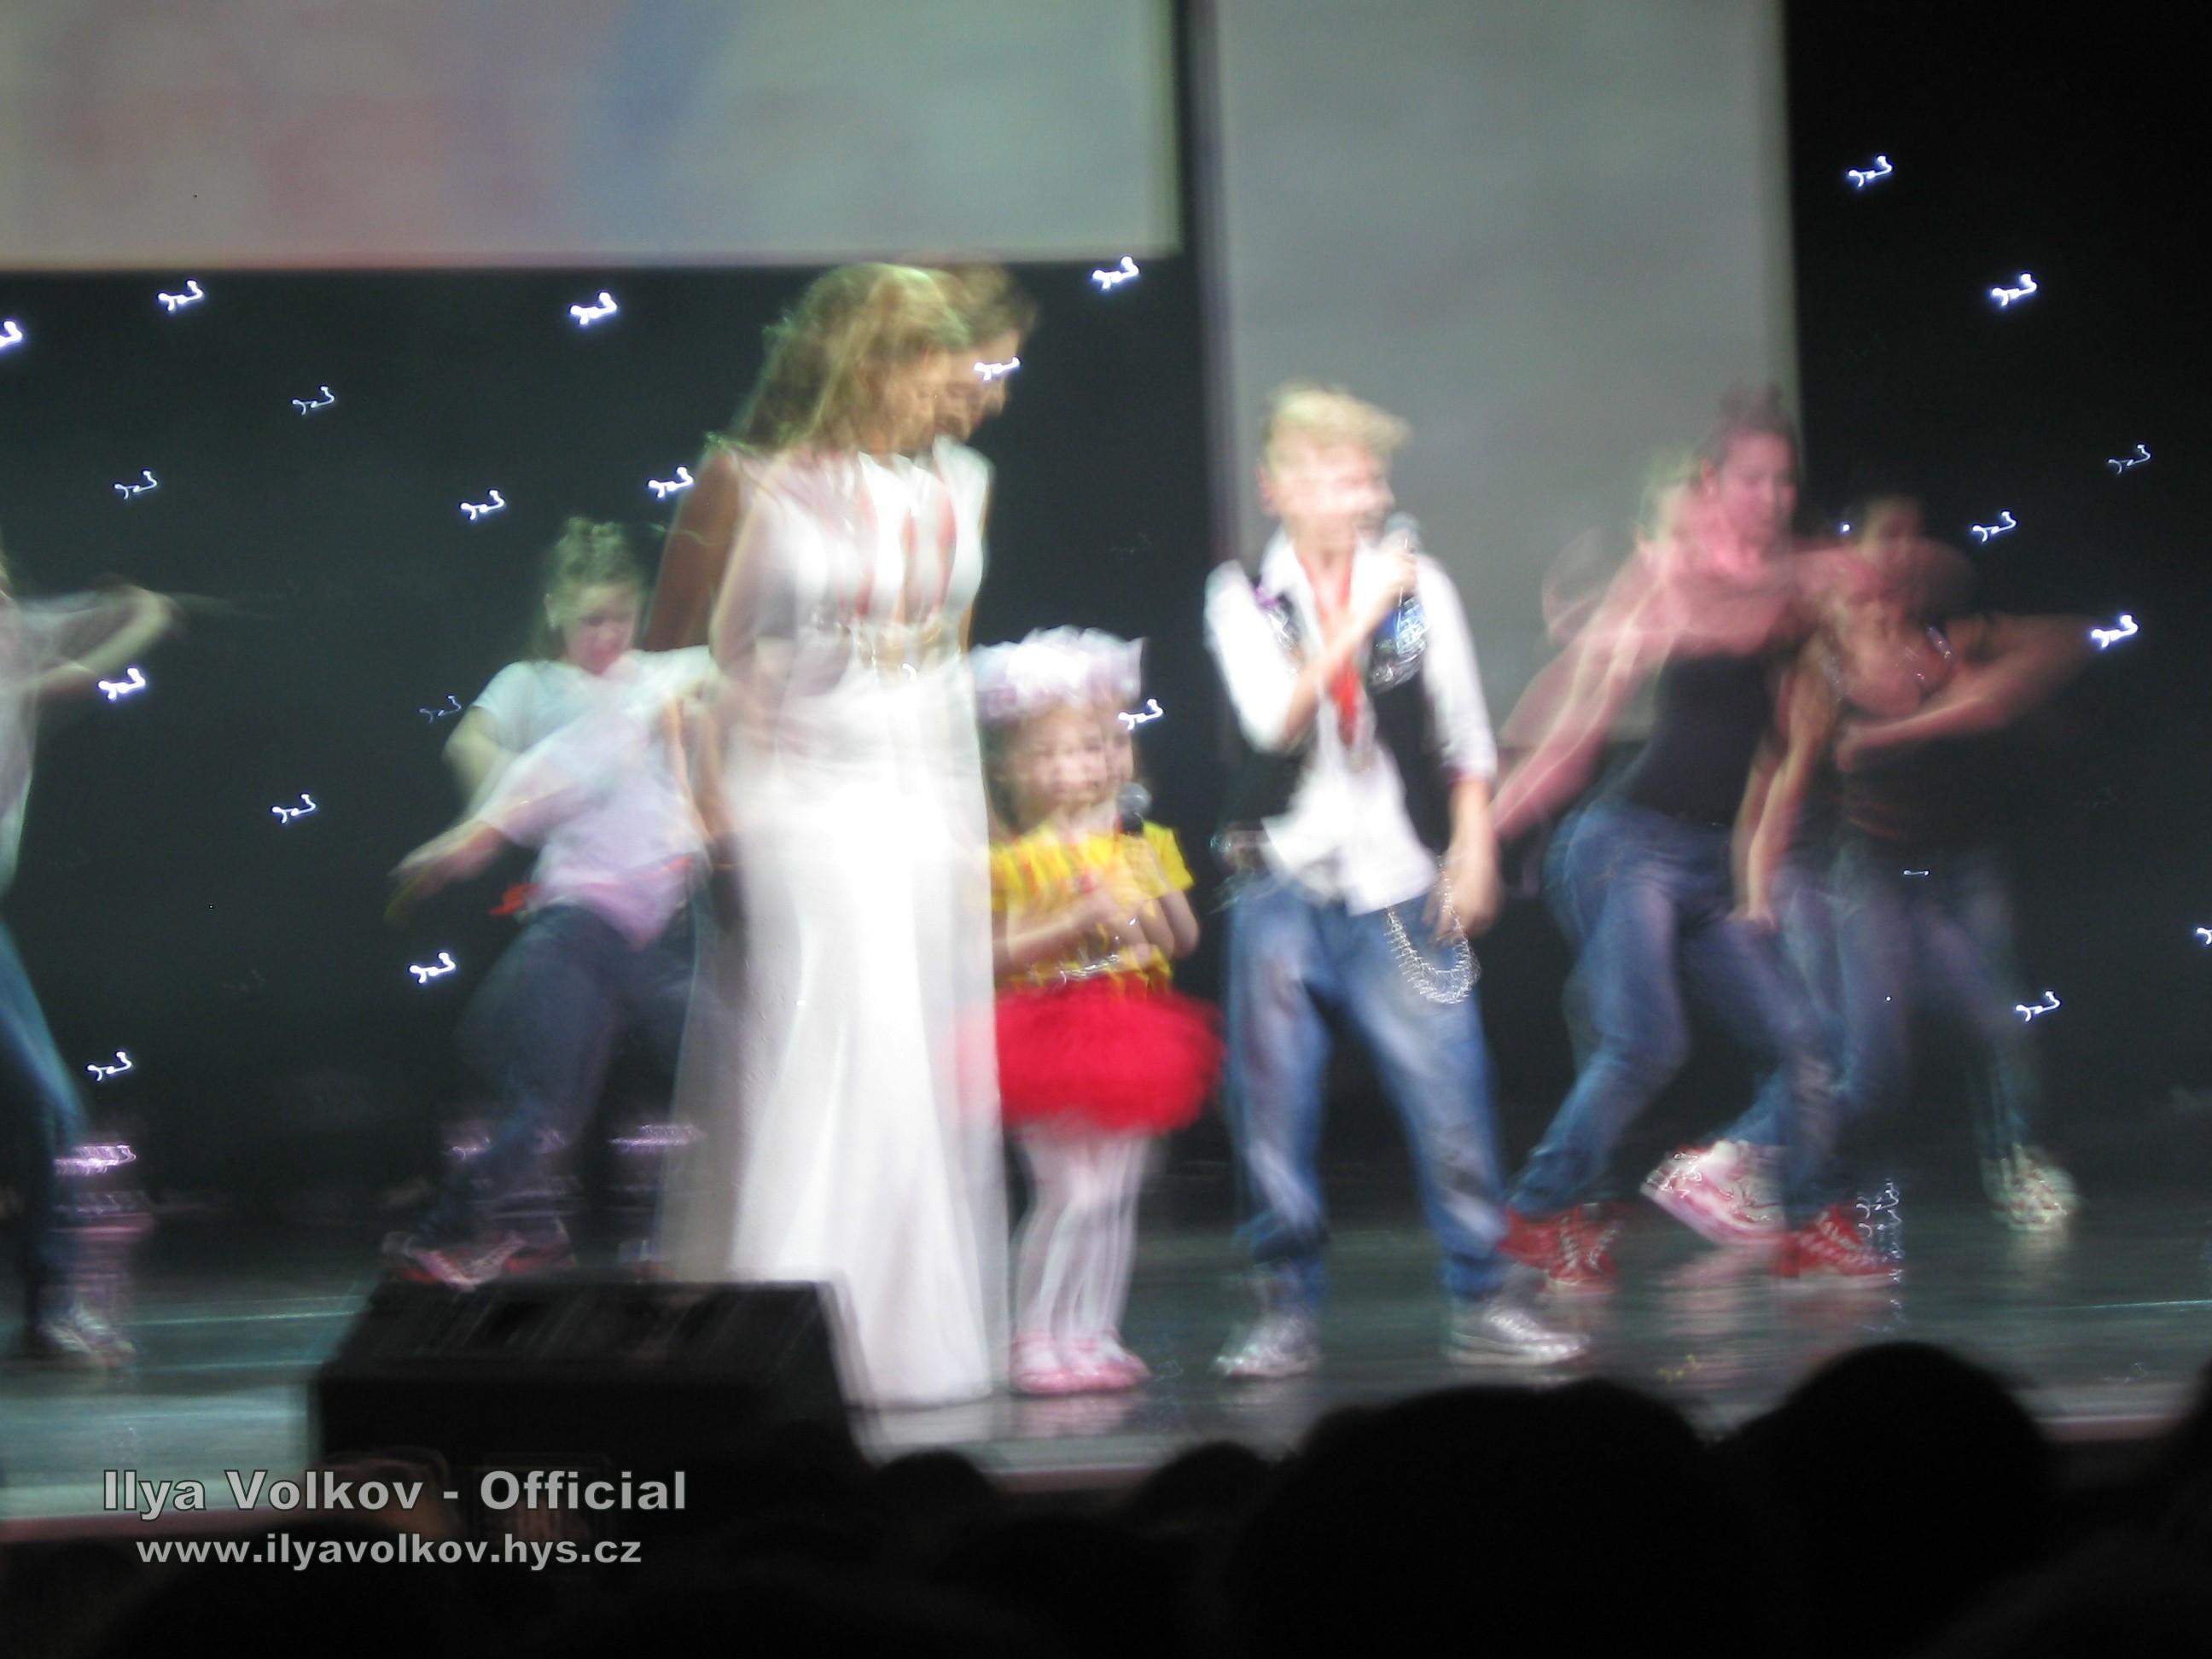 Ilya Volkov - Concert with JANET 2014  (2)